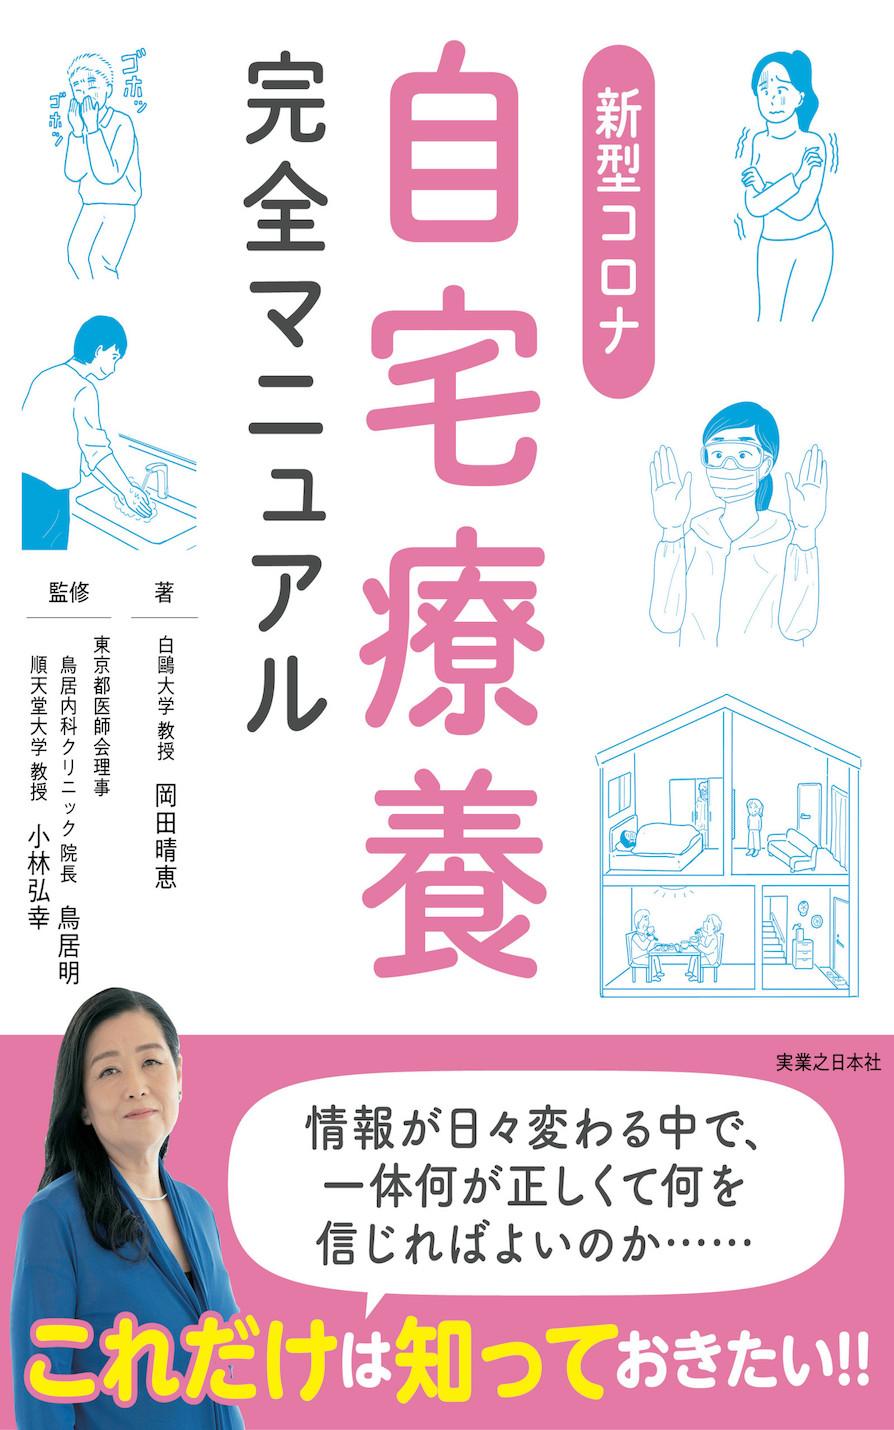 『新型コロナ 自宅療養完全マニュアル』